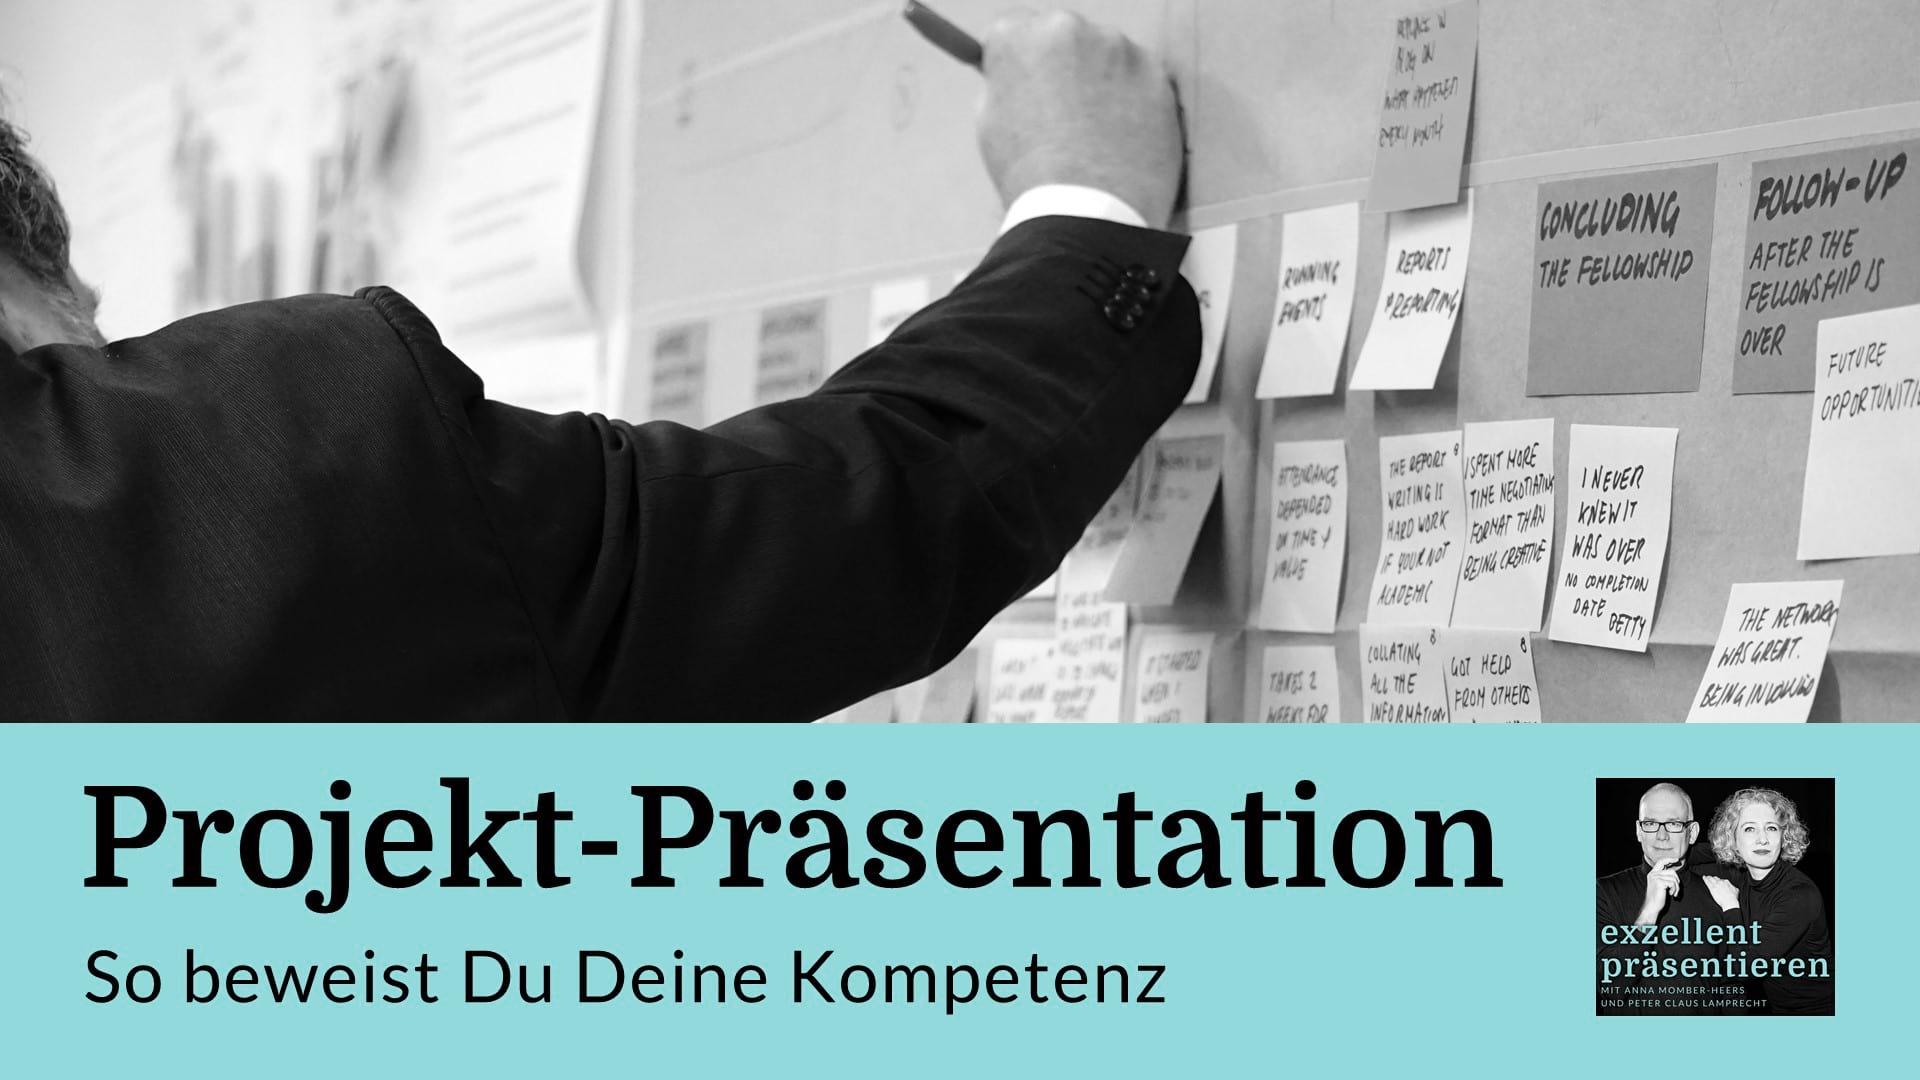 Projekt-Präsentation: So beweist Du Deine Kompetenz